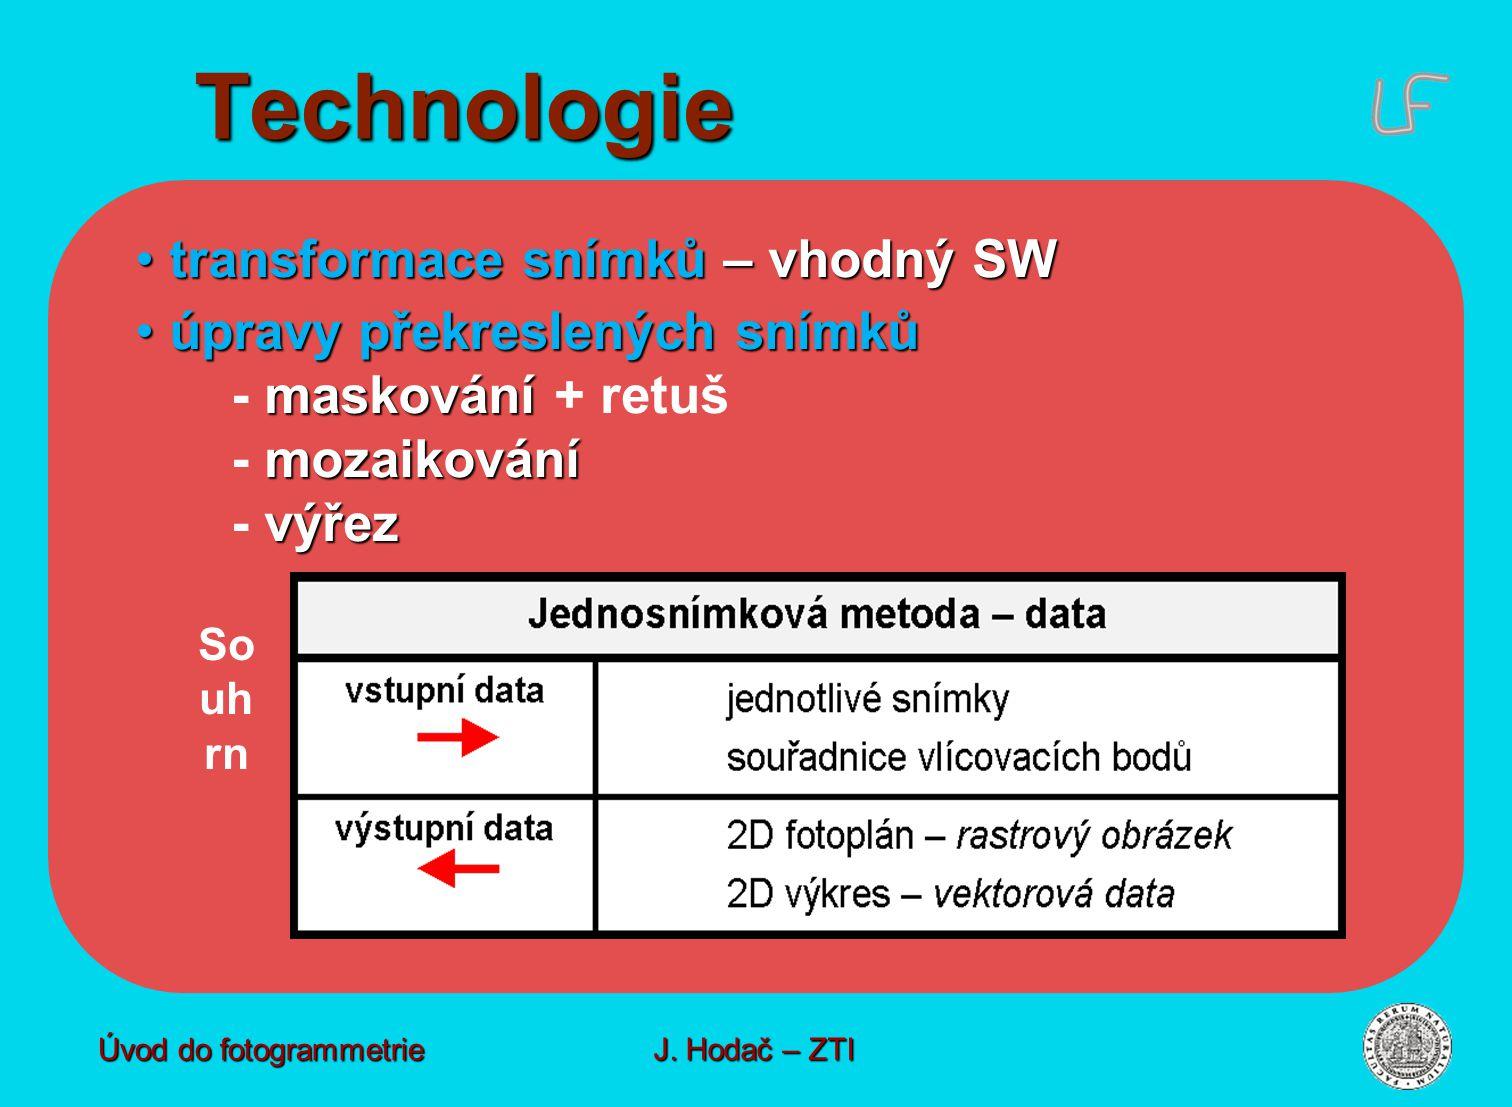 transformace snímků – vhodný SW transformace snímků – vhodný SW úpravy překreslených snímků maskování mozaikování výřez úpravy překreslených snímků - maskování + retuš - mozaikování - výřez So uh rn Technologie Úvod do fotogrammetrie J.